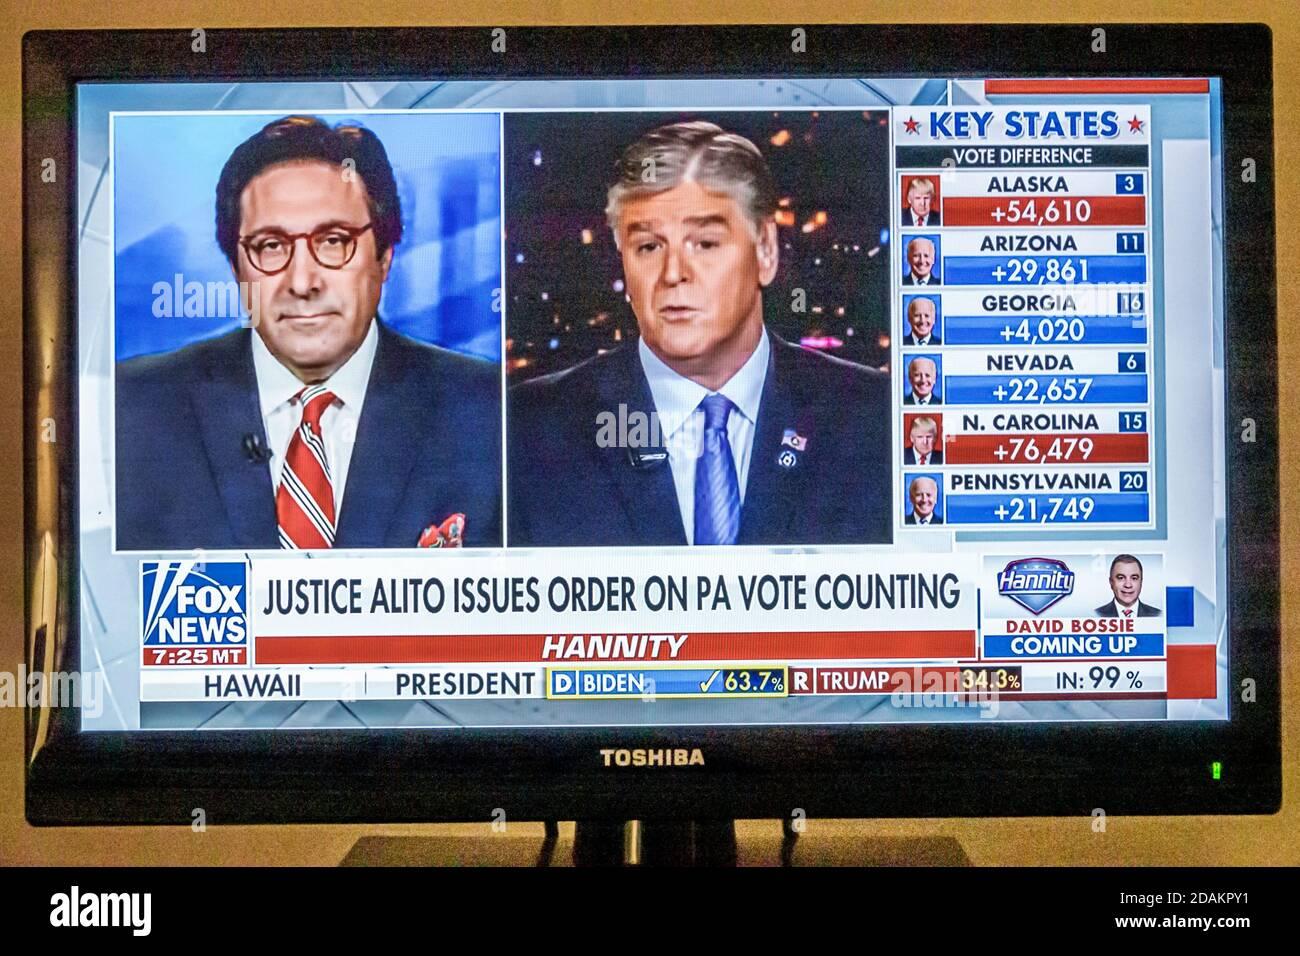 Télévision câblée écran de télévision moniteur 2020 des résultats de l'élection présidentielle américaine Joe Biden Donald Trump vote le nombre de votes populaires au collège électoral ou non autorisé Banque D'Images